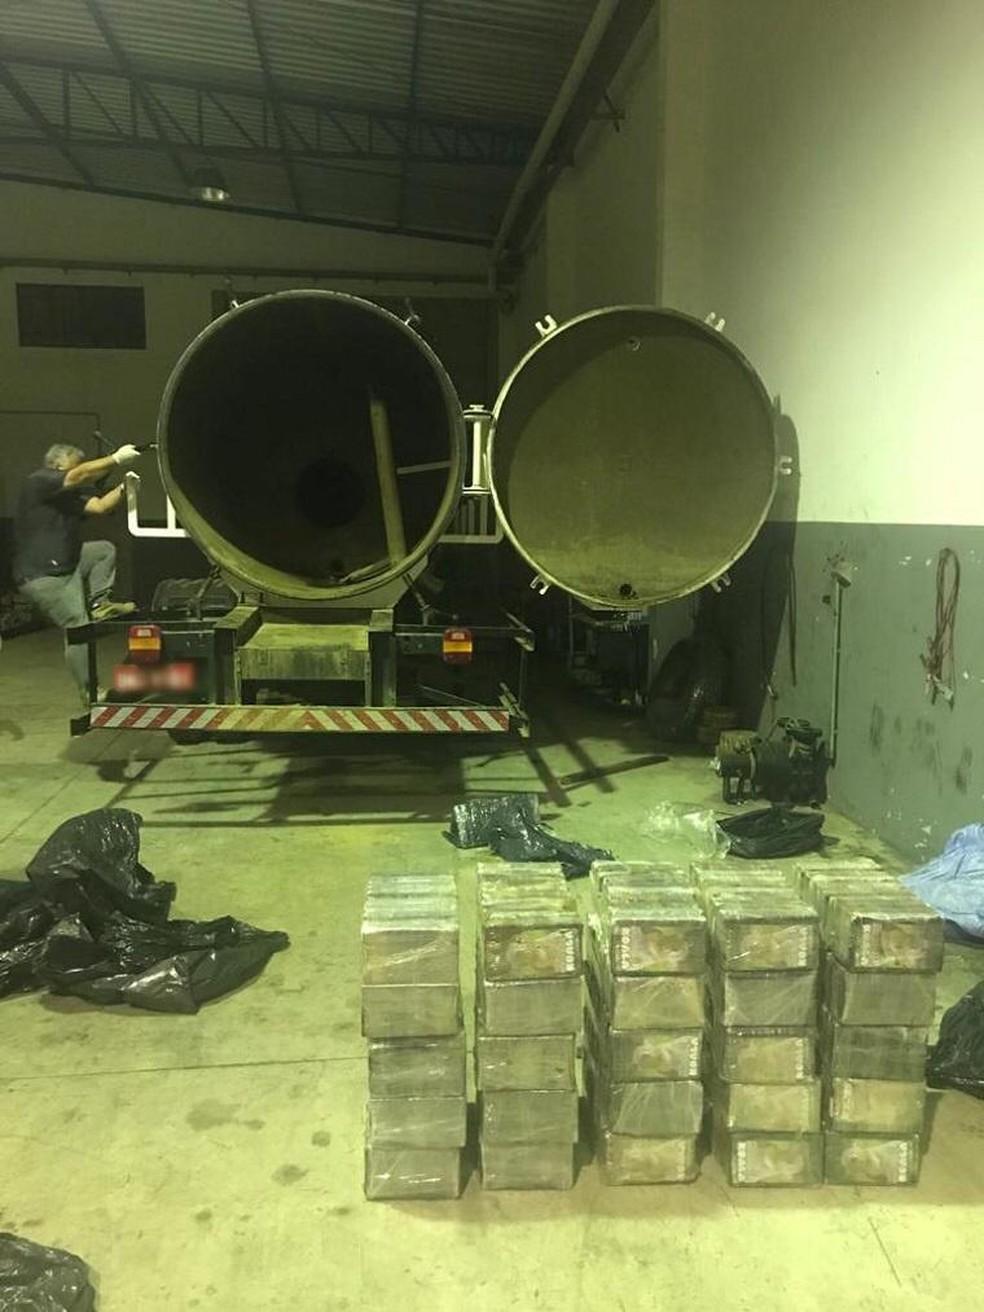 Droga estava escondida em um fundo falso do caminhão — Foto: Divulgação/Polícia Civil